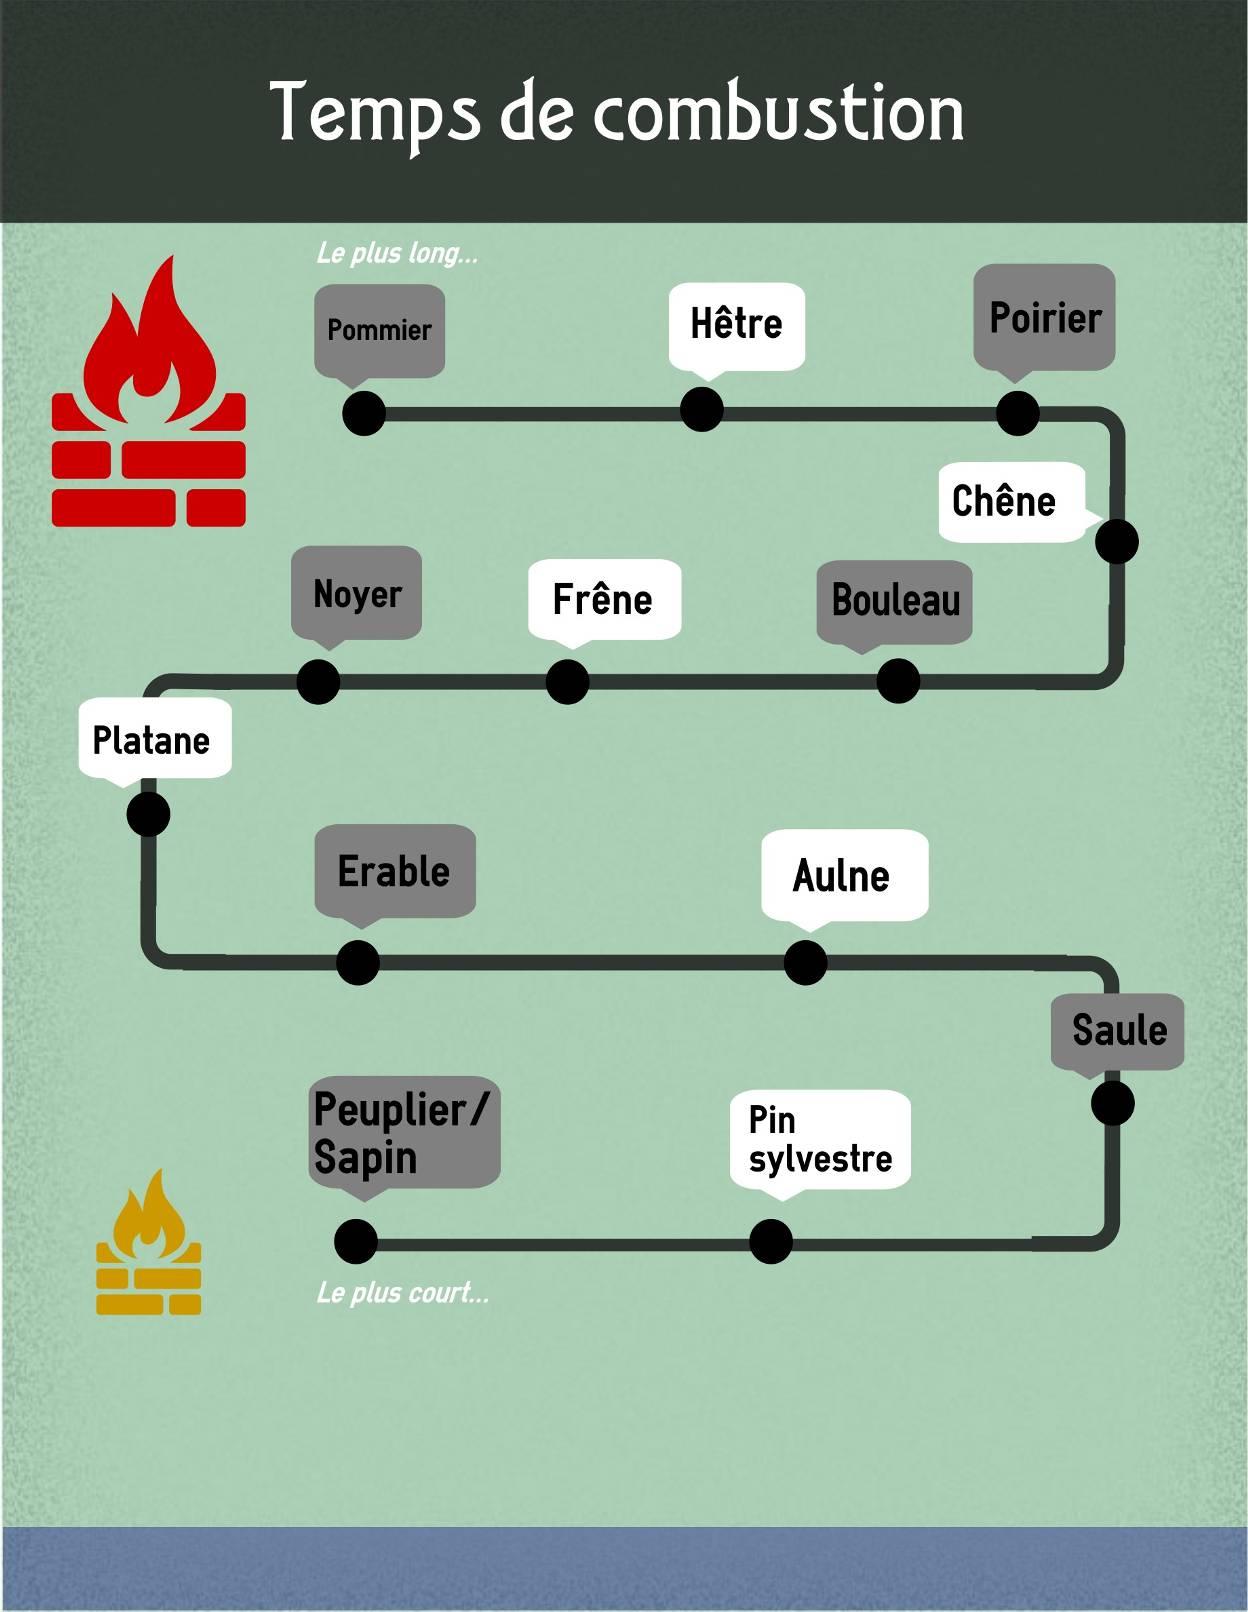 temps de combustion du bois